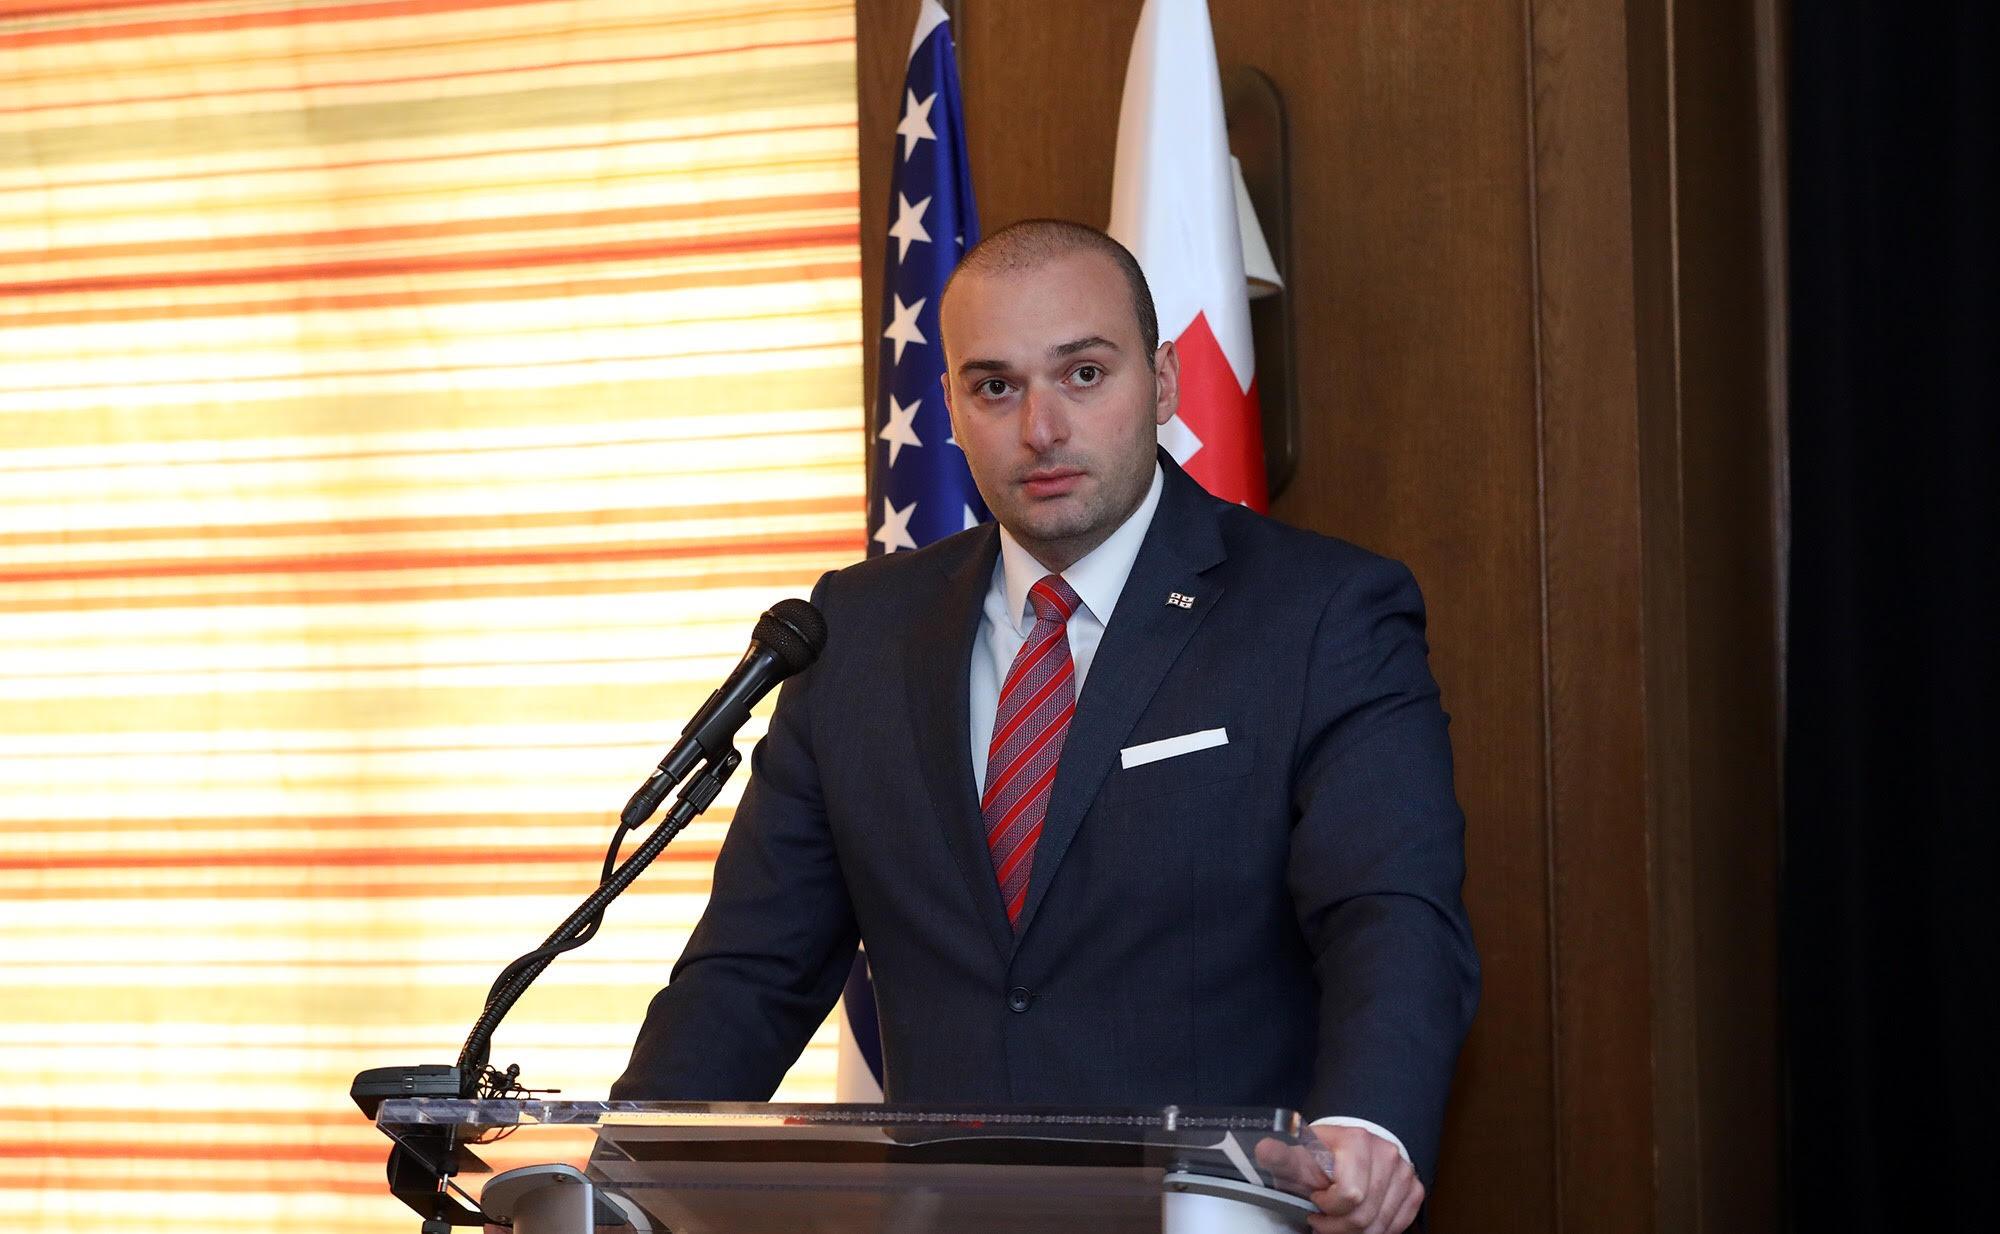 მამუკა ბახტაძე: ჩვენ გვჭირდება მეტი ამერიკული ინვესტიცია საქართველოში